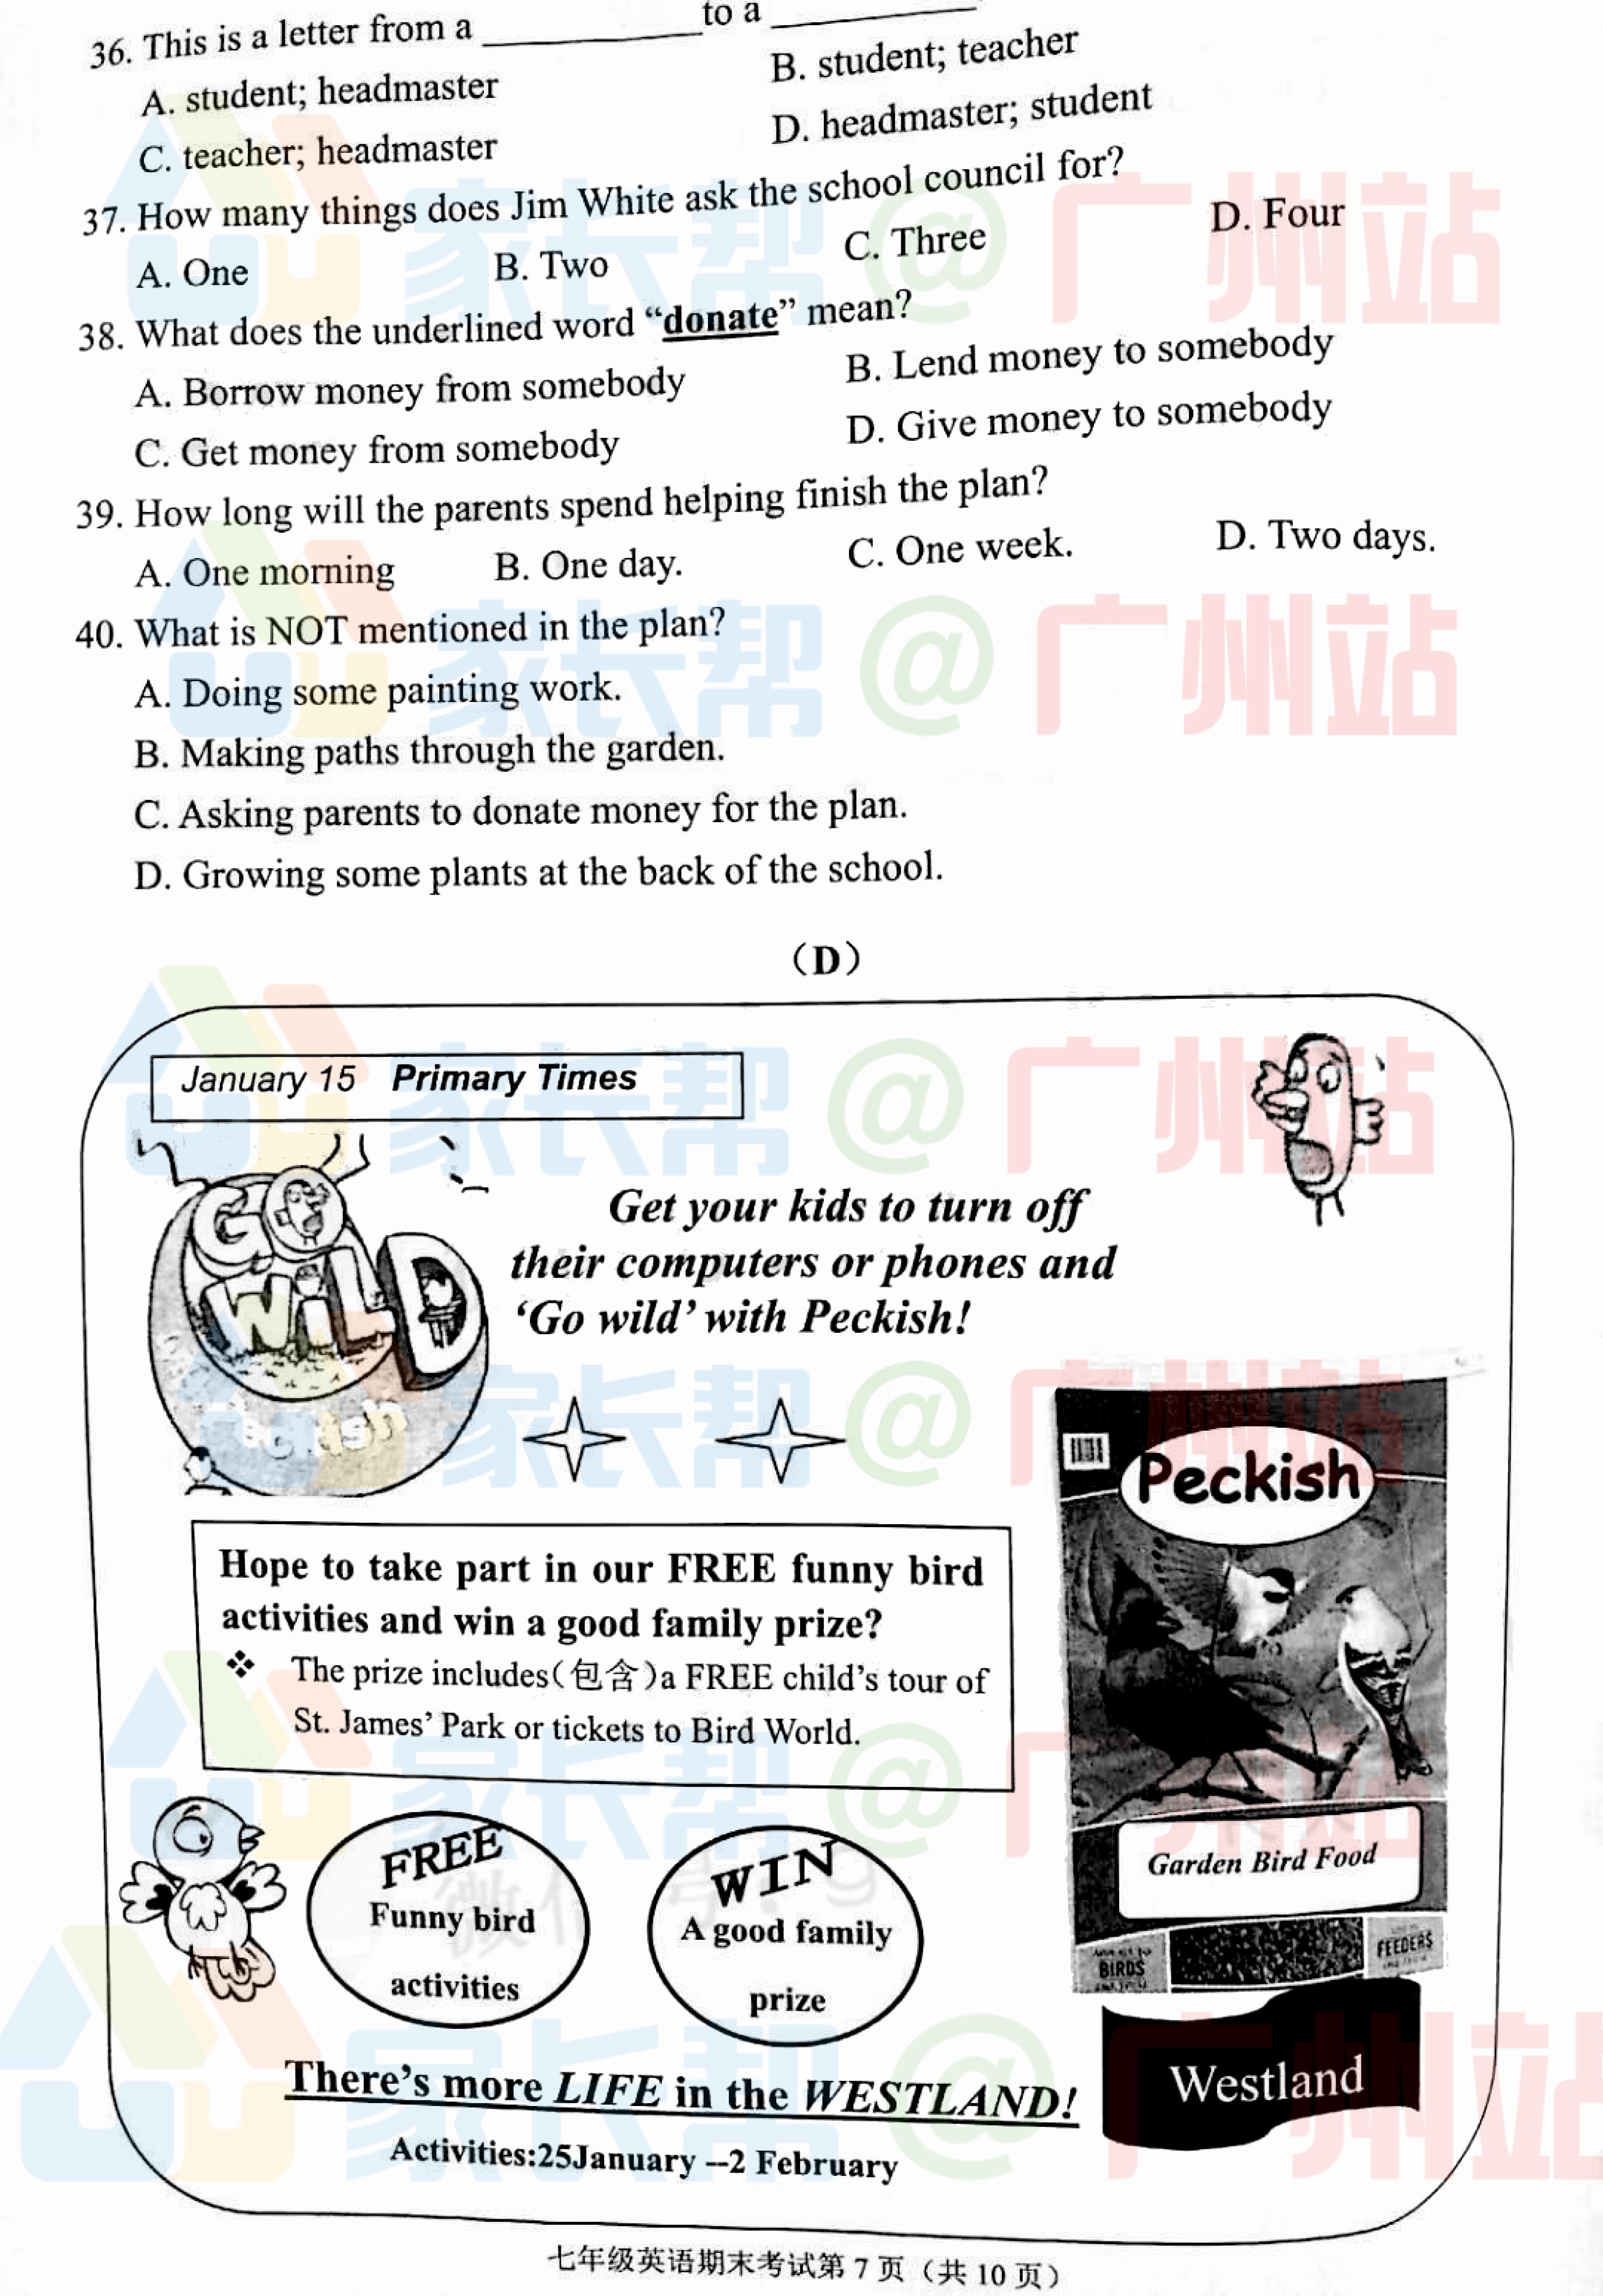 天河区七年级英语-7.jpg